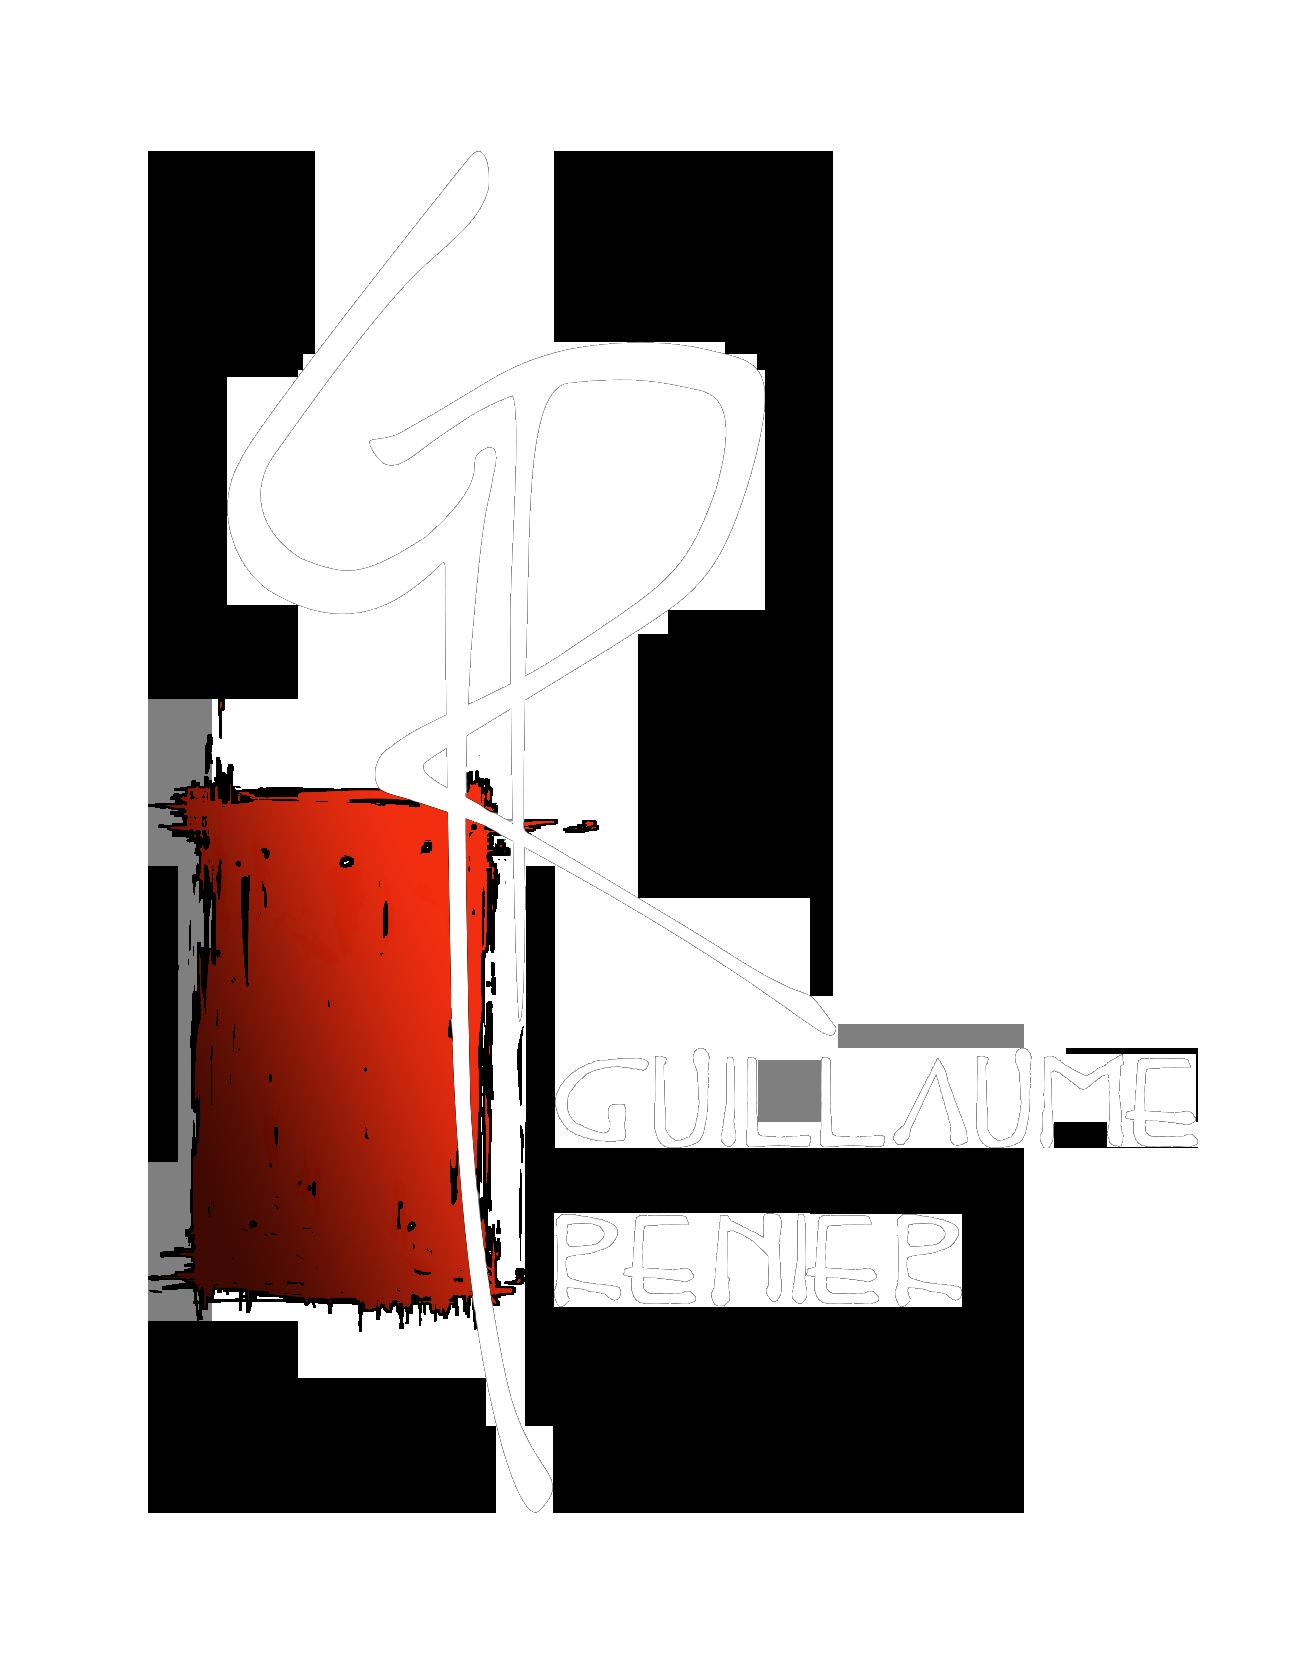 Guillaume Renier